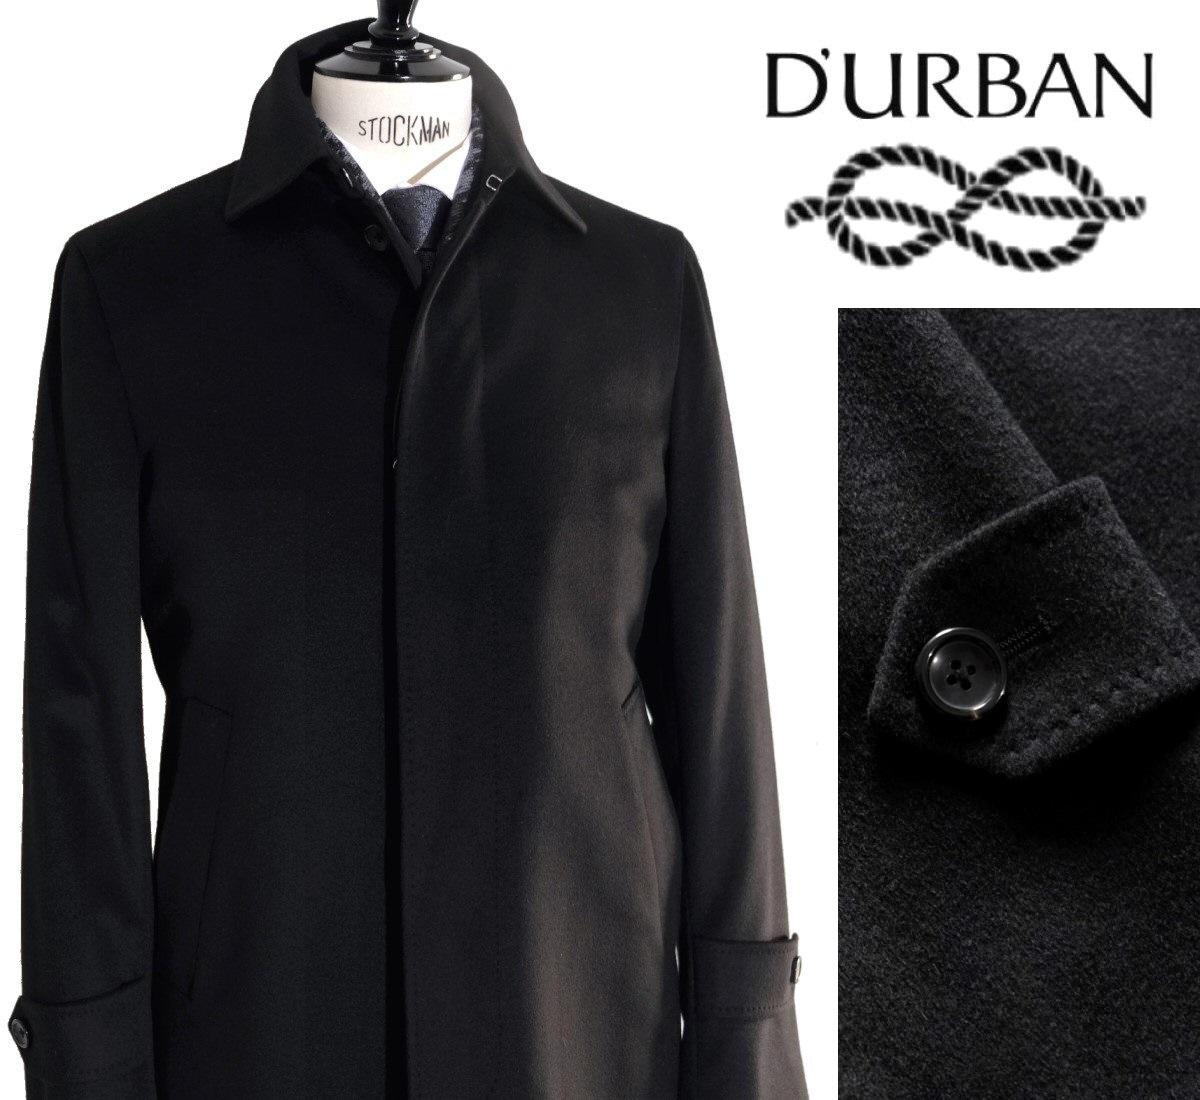 D'URBAN【ダーバン】日本製カシミヤ100%ステンカラーコート黒 ブラック